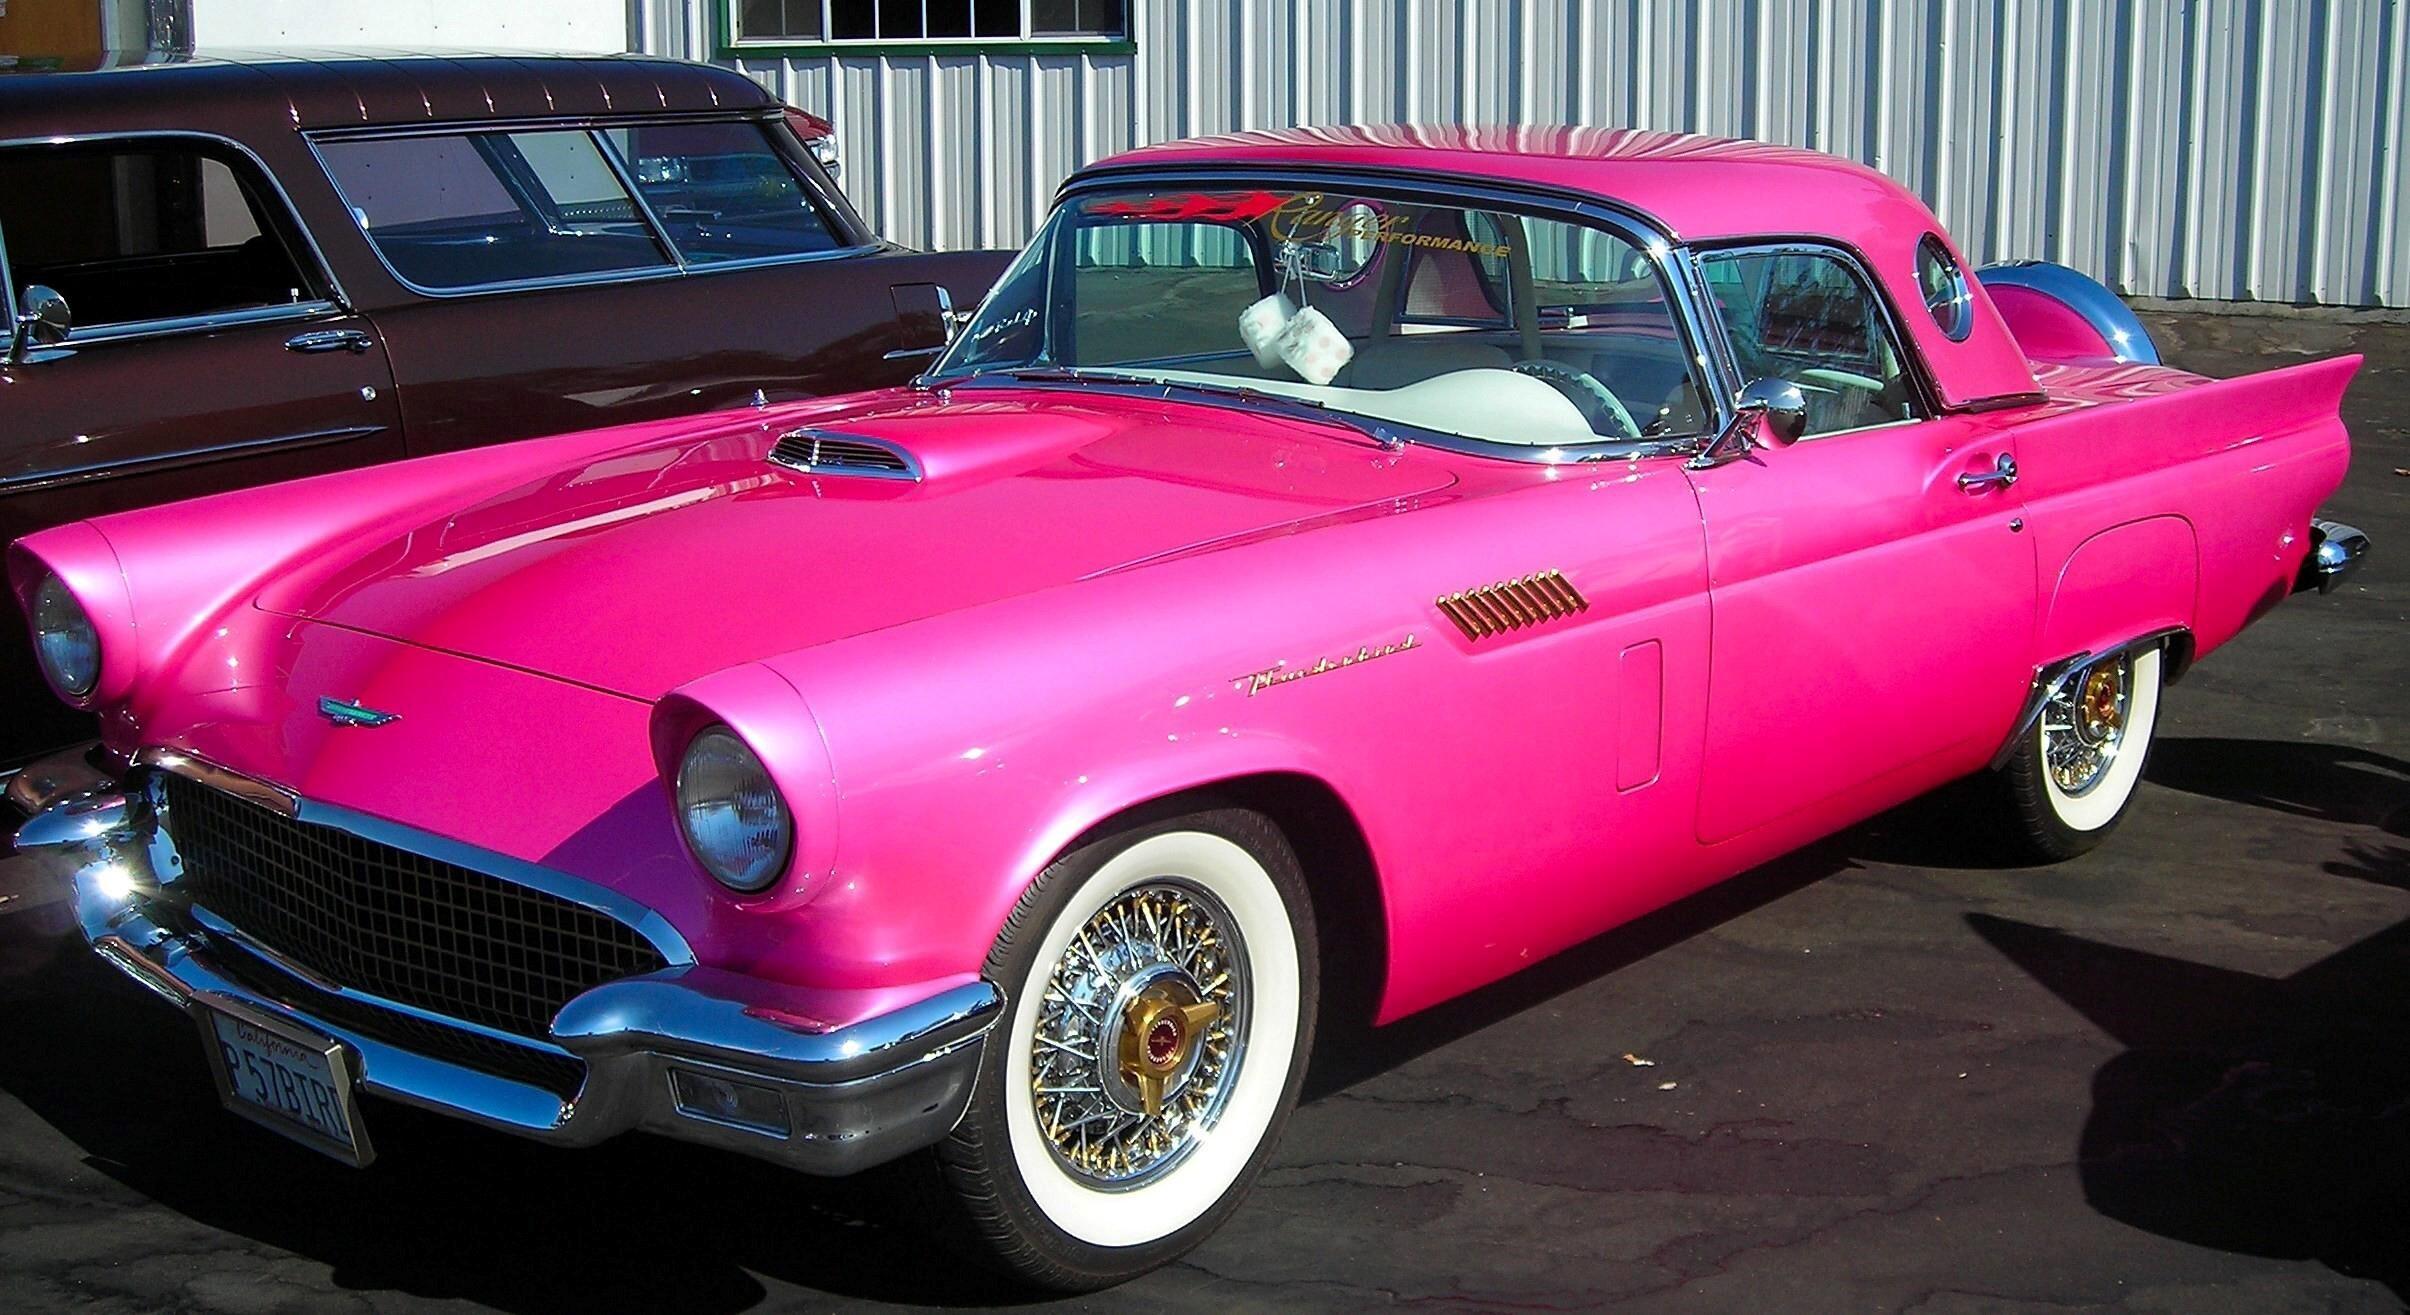 Nice Pink Vintage Car HD Image | HD Wallpapers